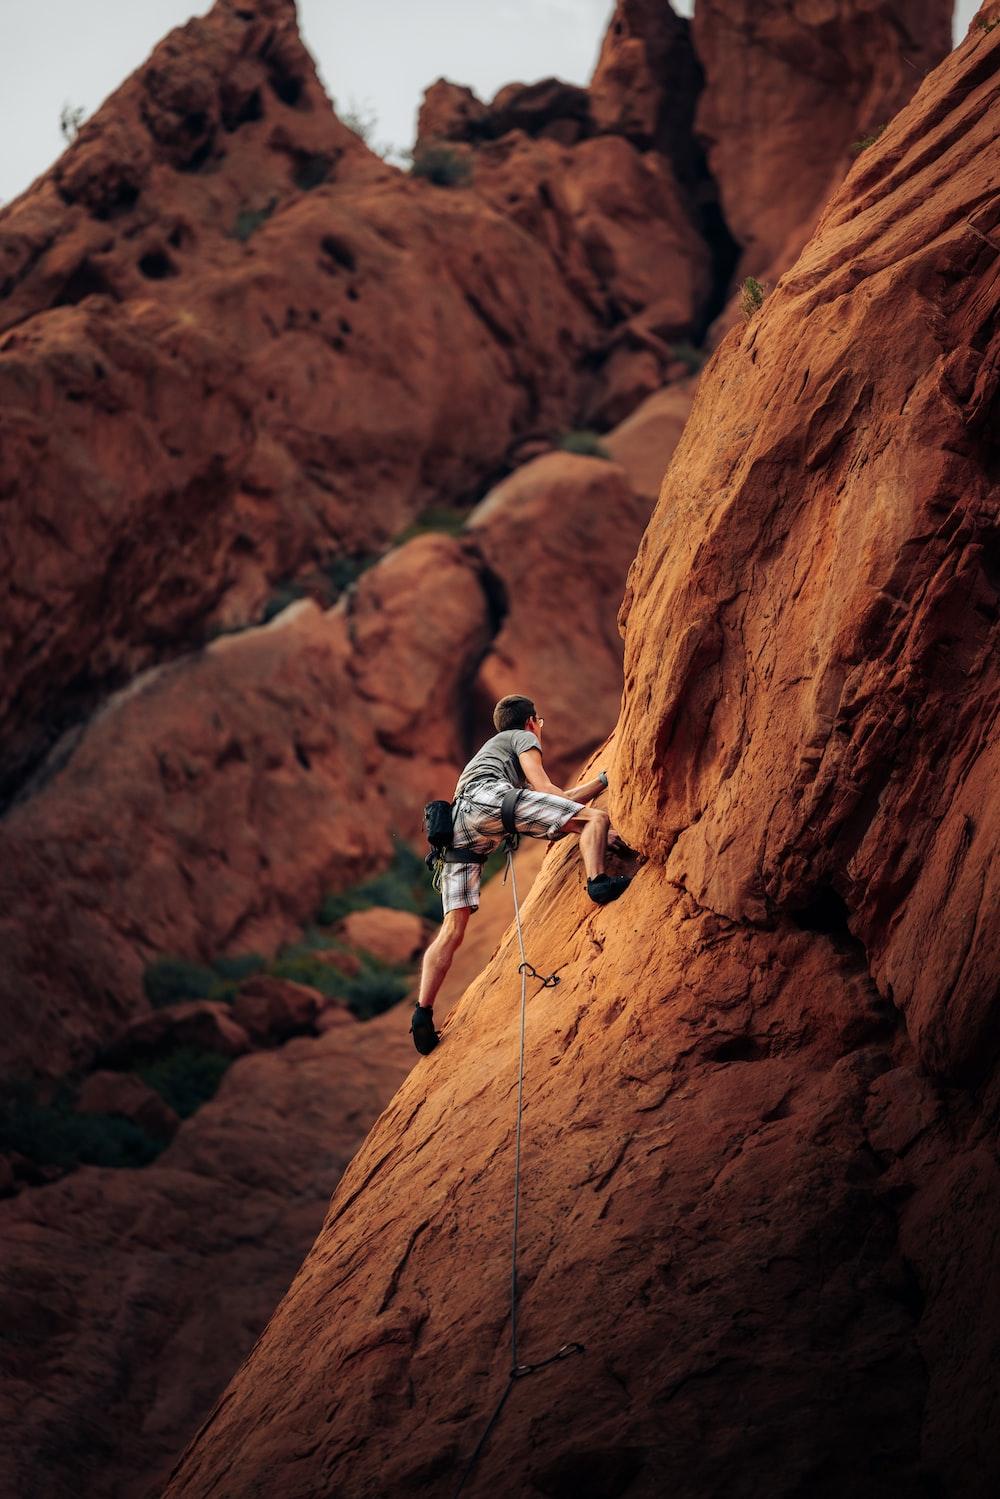 man in white t-shirt climbing brown rock mountain during daytime